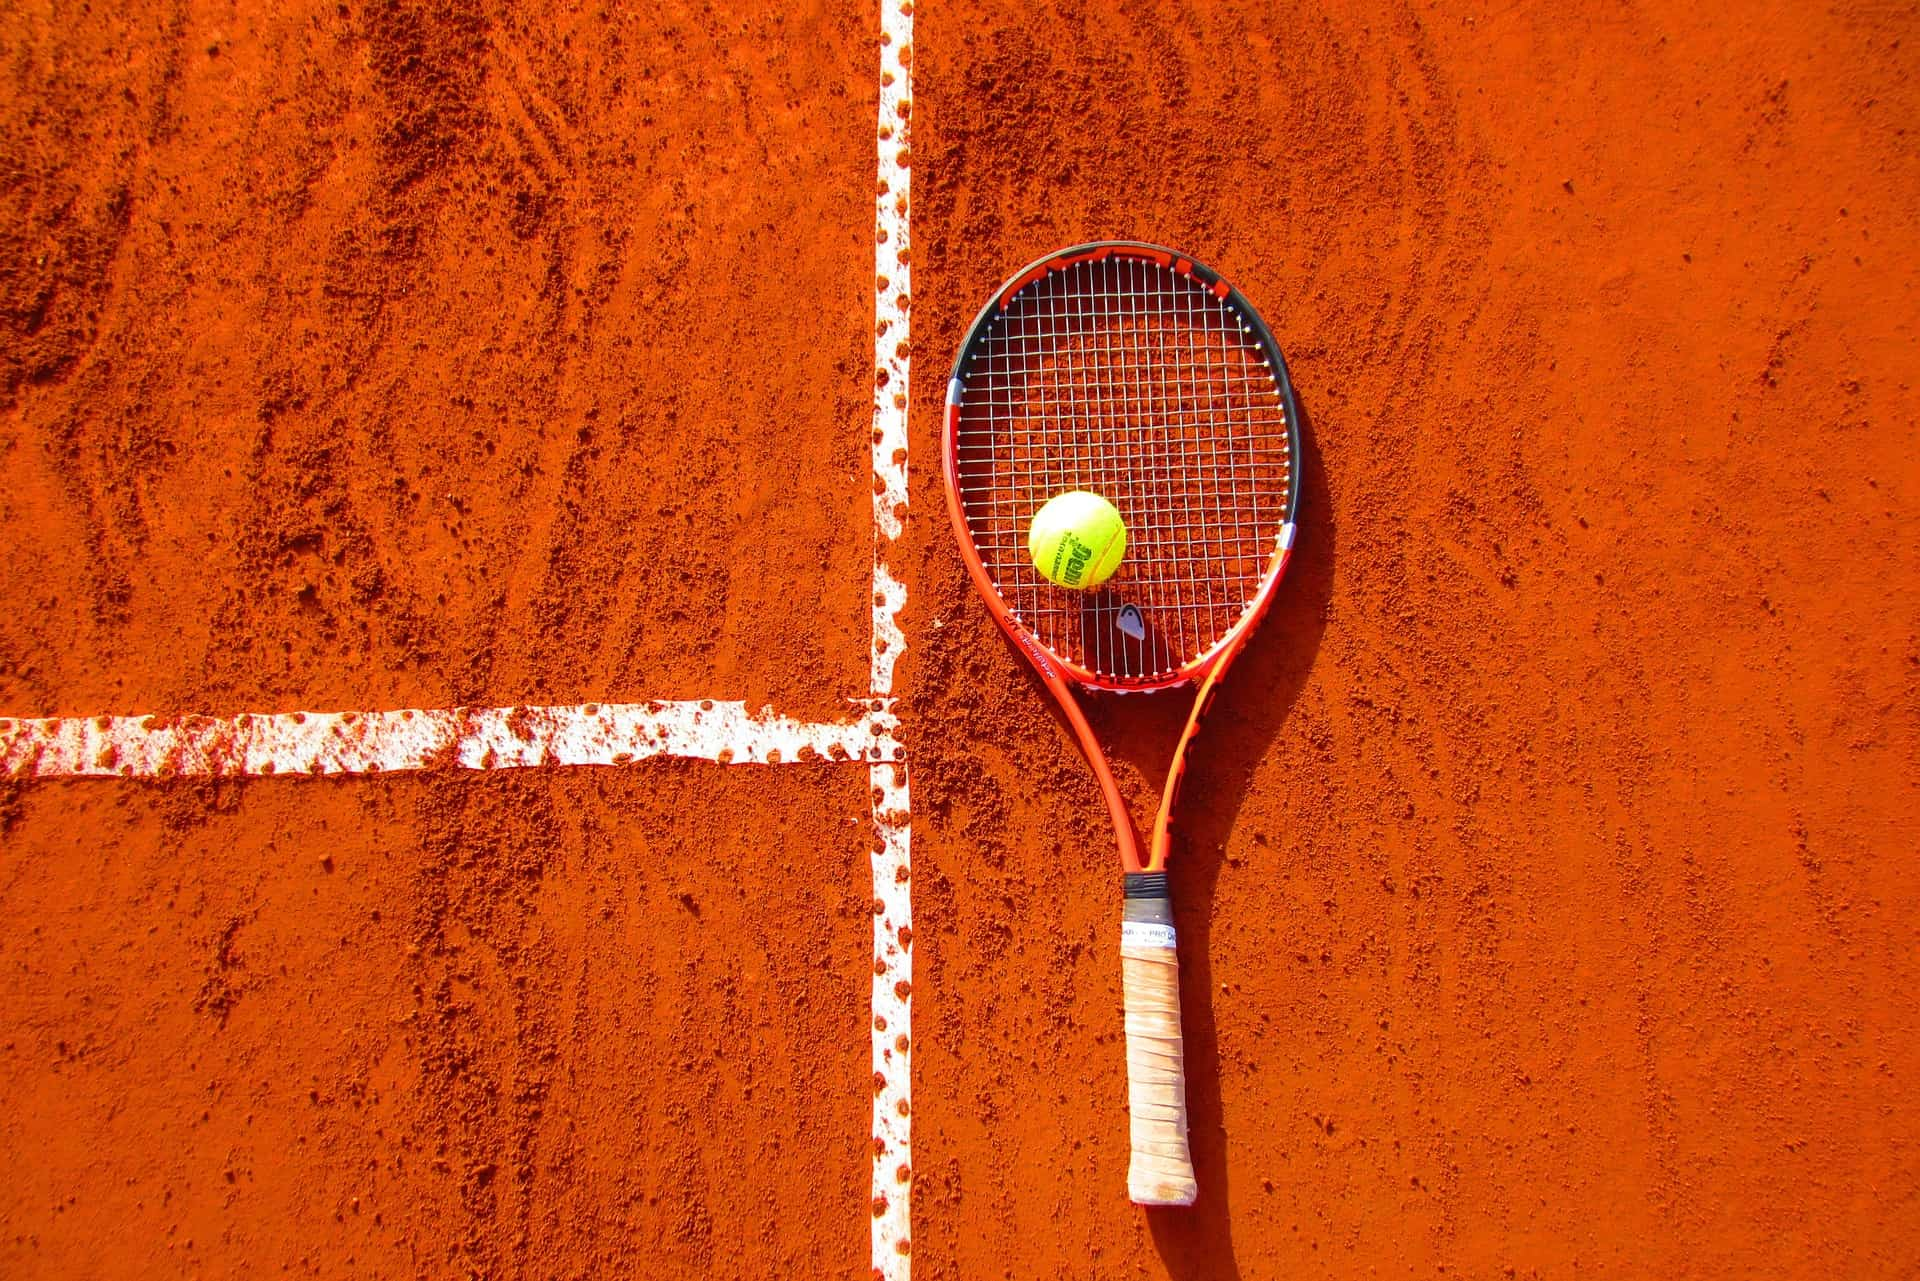 8c285c203 Raquete de tênis  Quais são as melhores em 2019